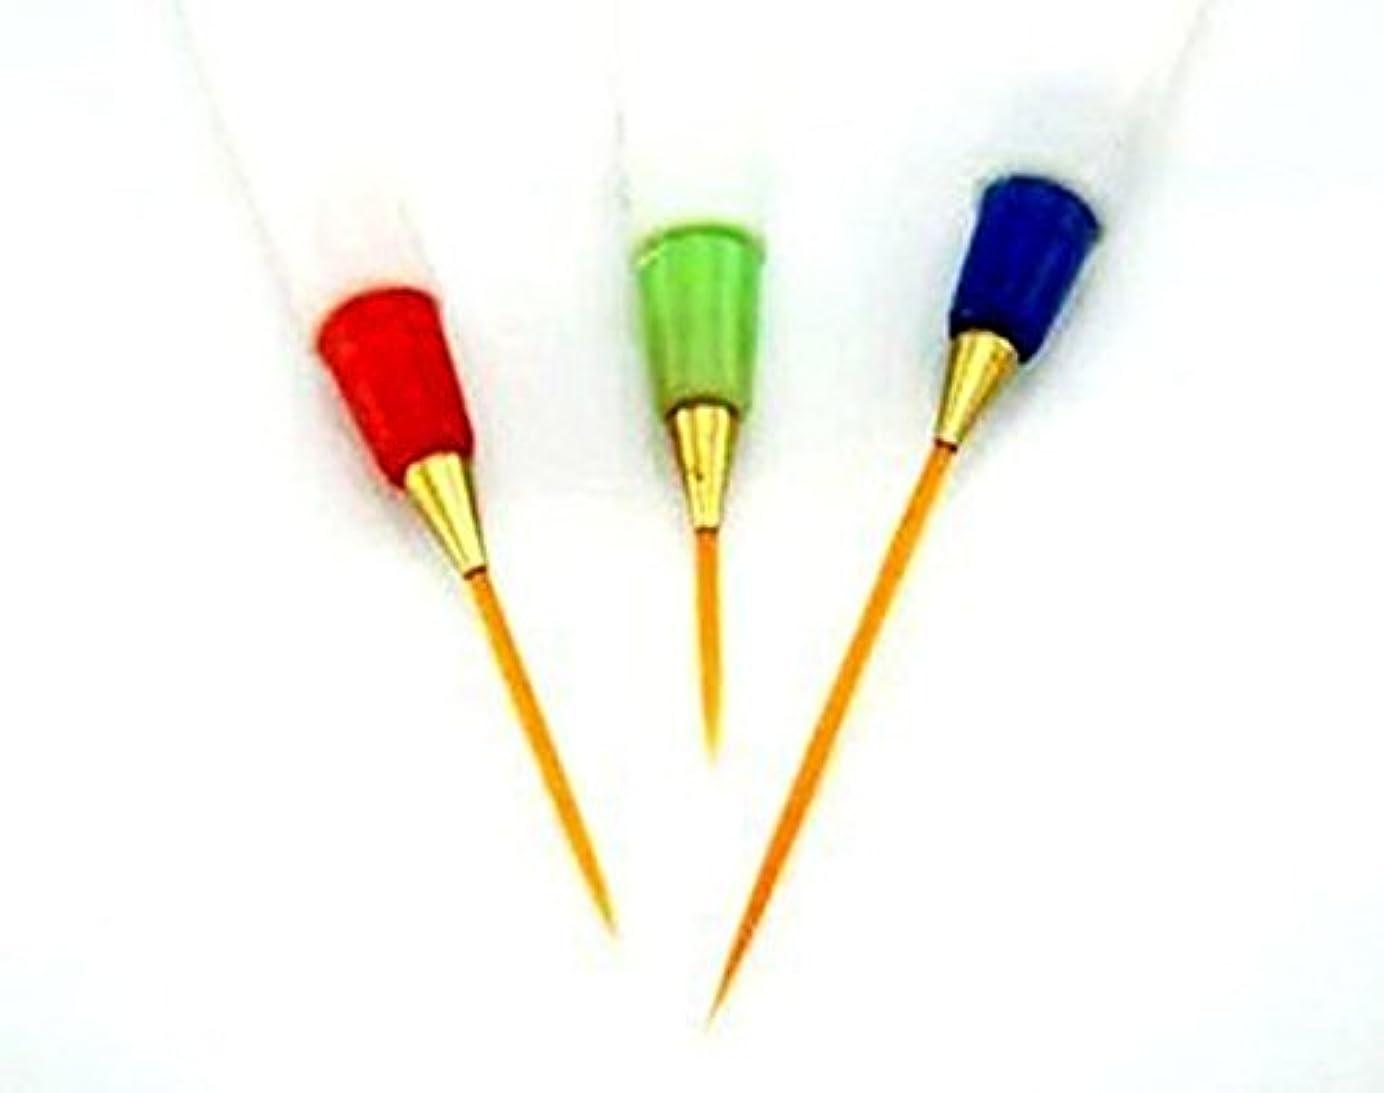 プレビスサイトフォーマットあからさまVaorwne 3x白い絵画ペンネイルアートデザインペンブラシの描画ストライプライナーセット